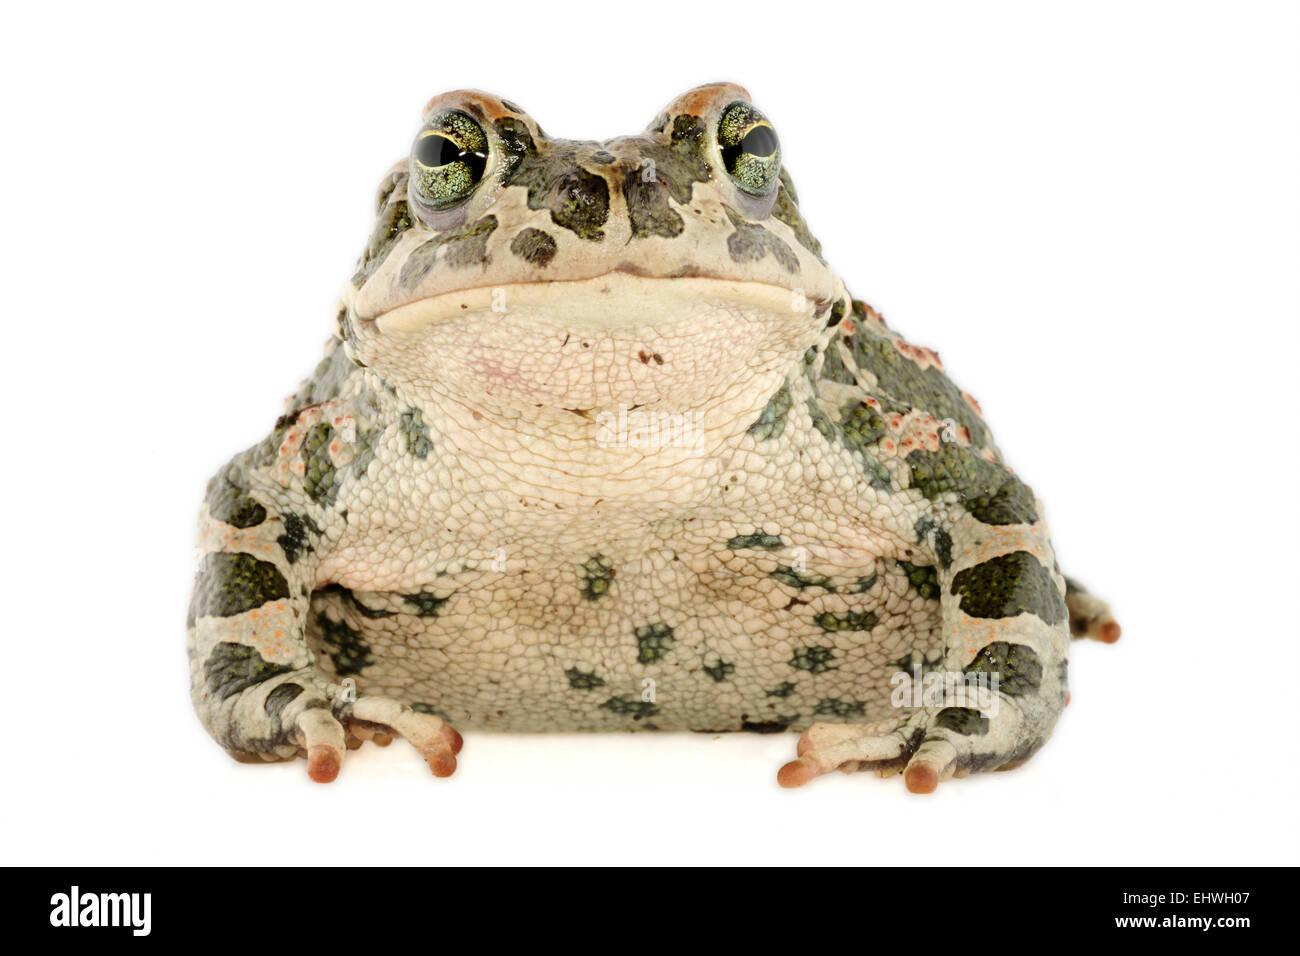 [captive] Green toads (Bufo viridis), Lake Coghinas (Italian: Lago di Coghinas) is an artificial lake, in northern - Stock Image